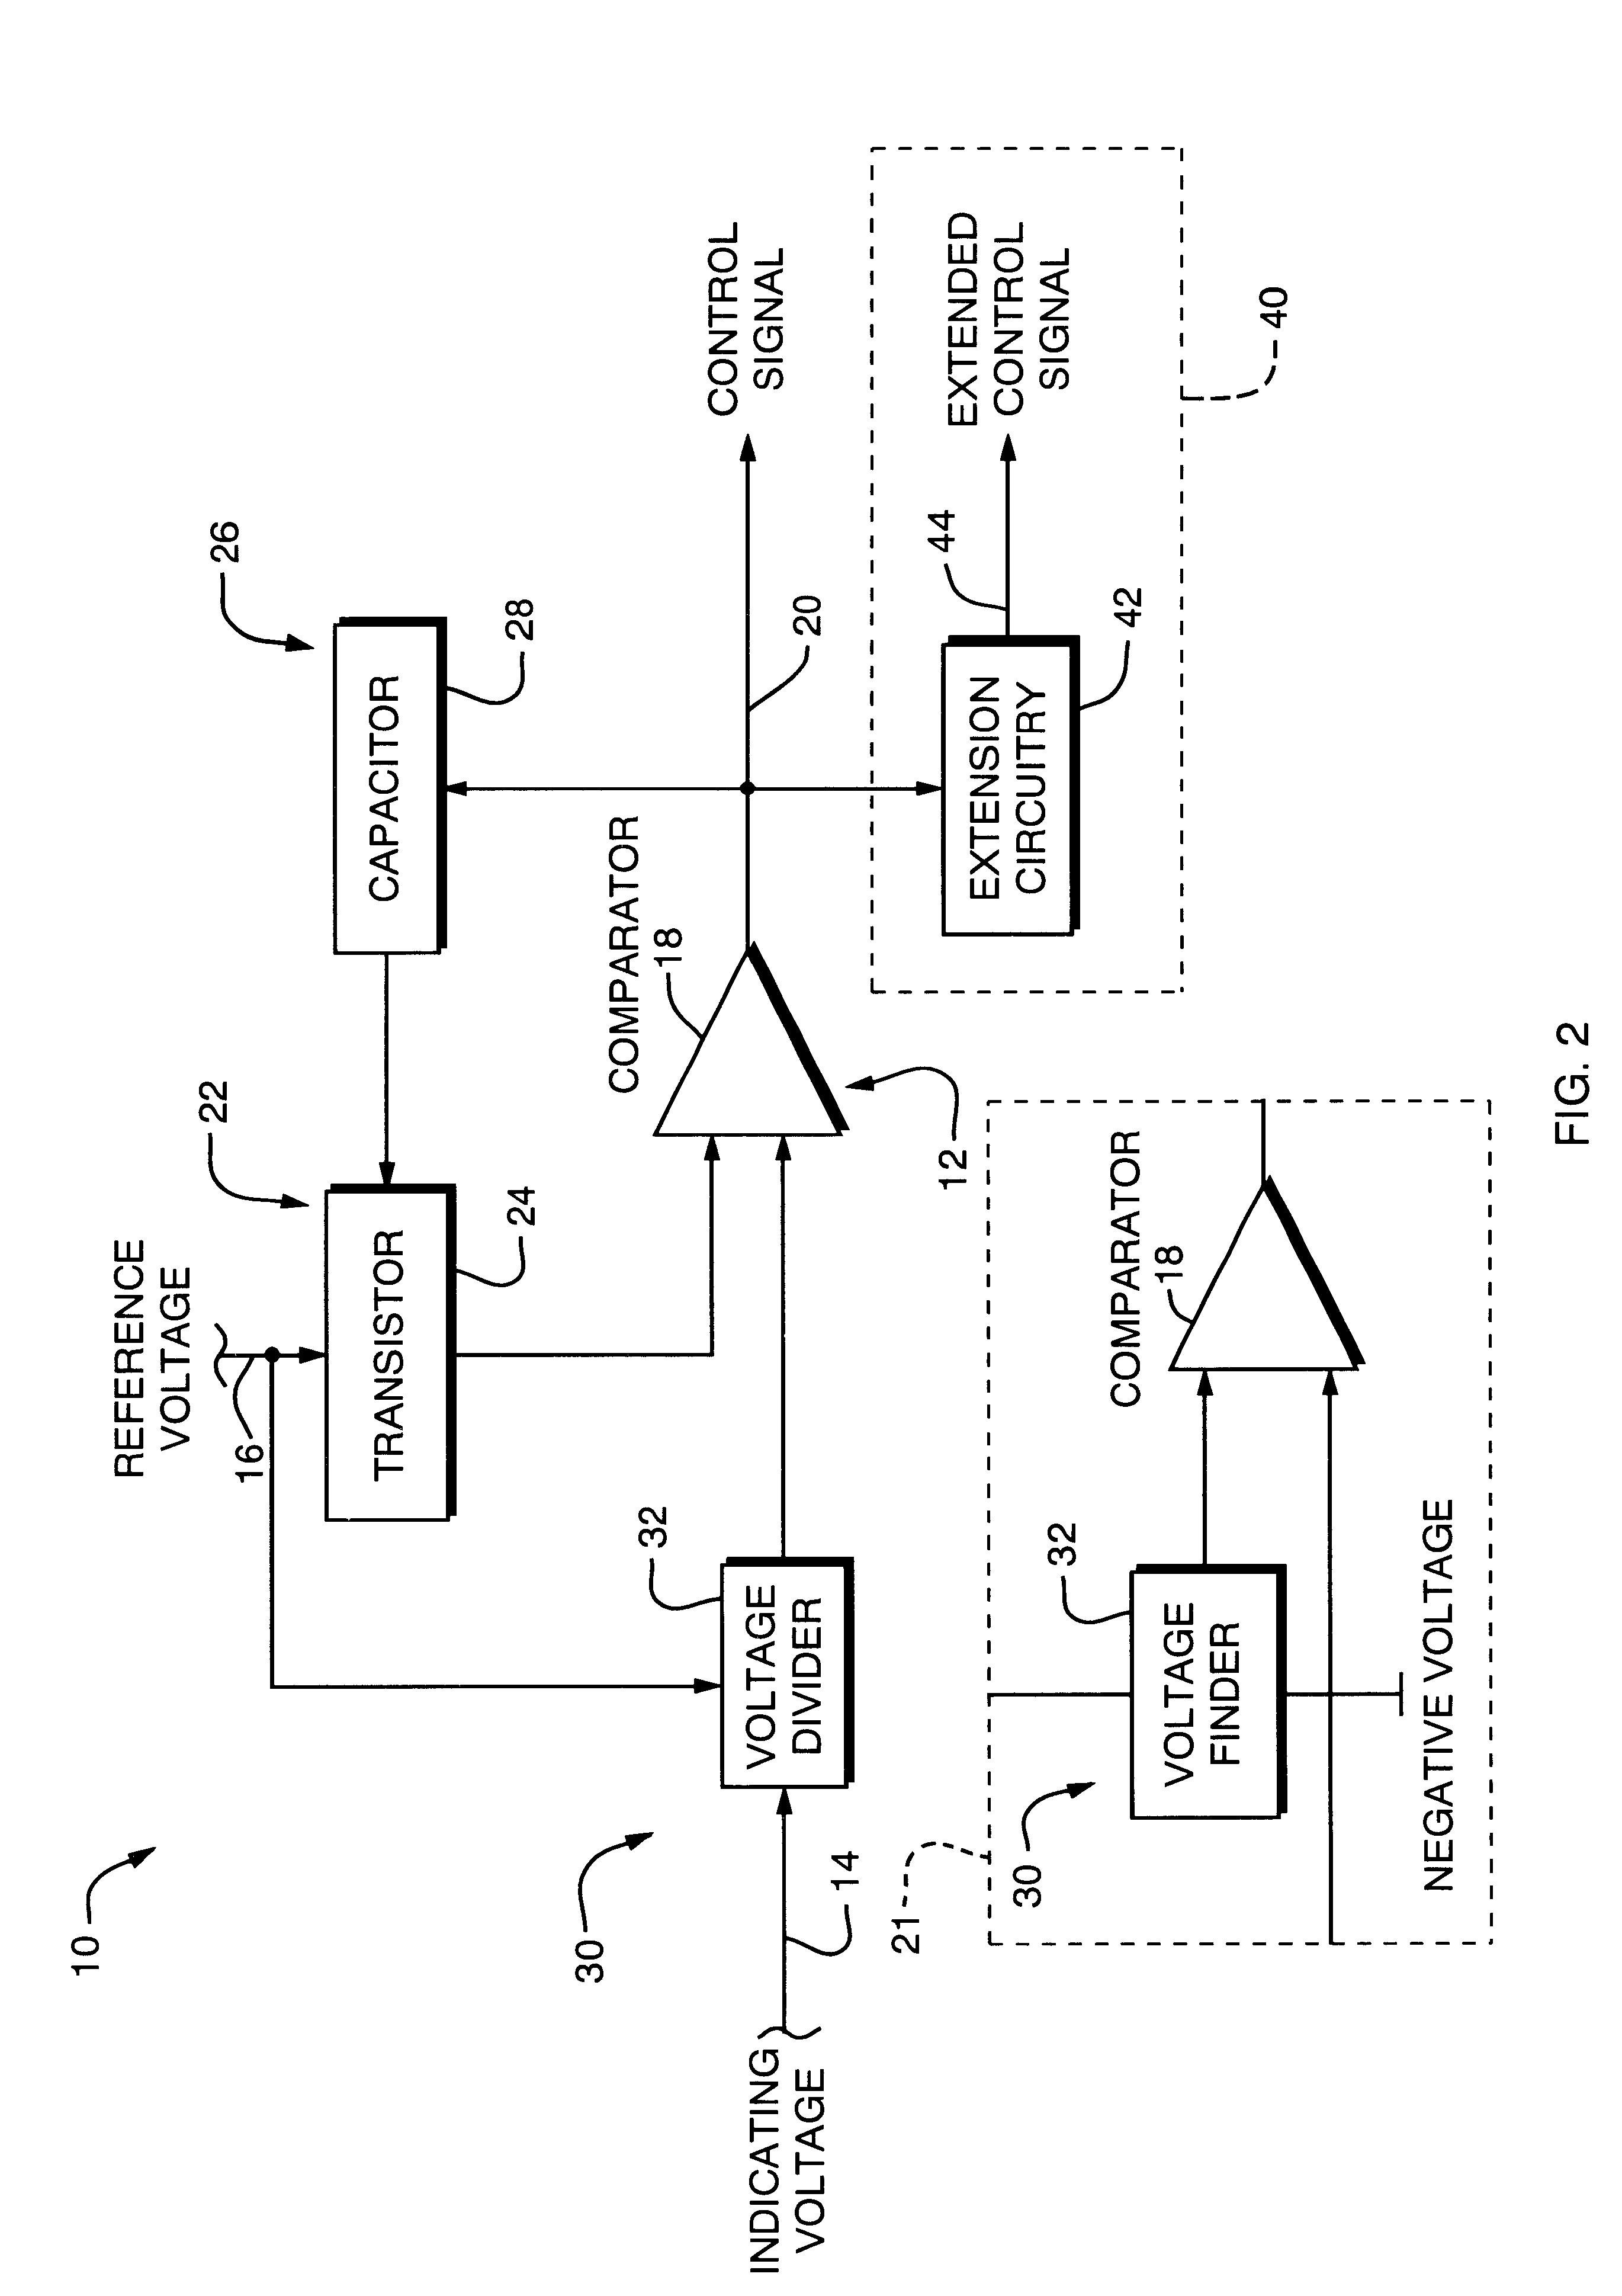 patent us6411483